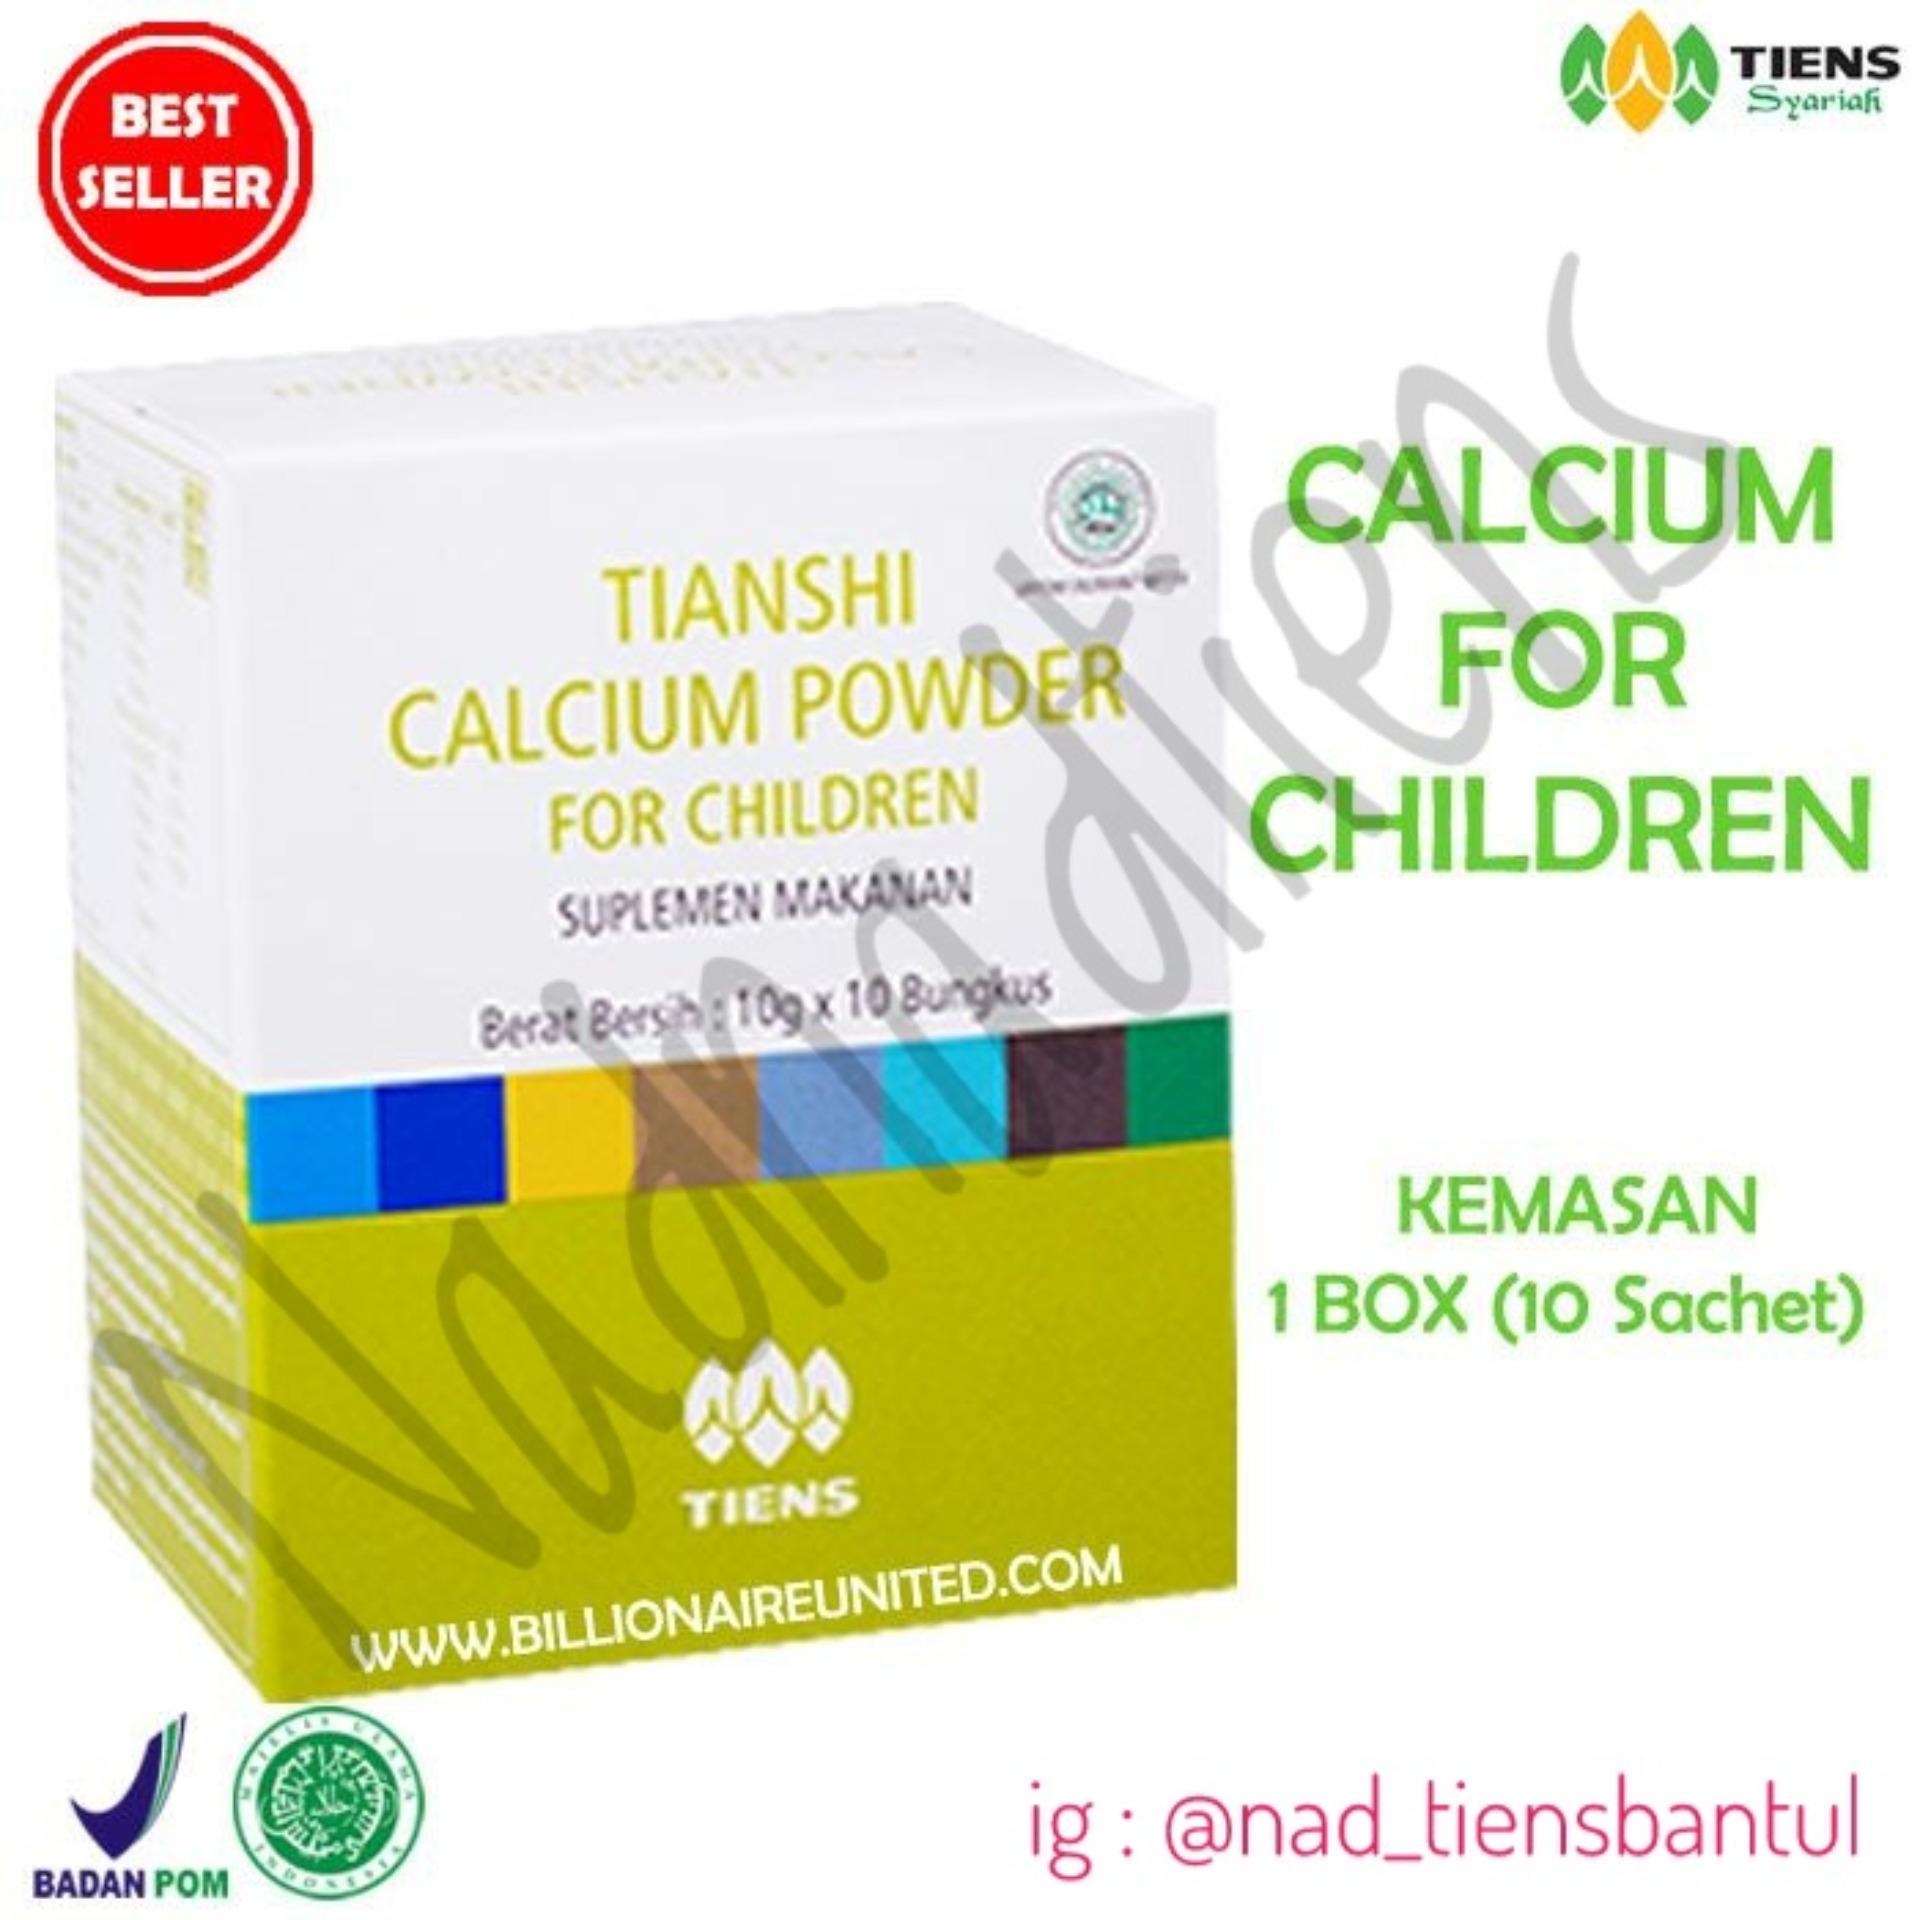 Beli Kalsium Children Tiens Susu Kalsium Kecerdasan Dan Pertumbuhan Memori Anak Kemasan 1 Box Nadnadtiens Online Terpercaya